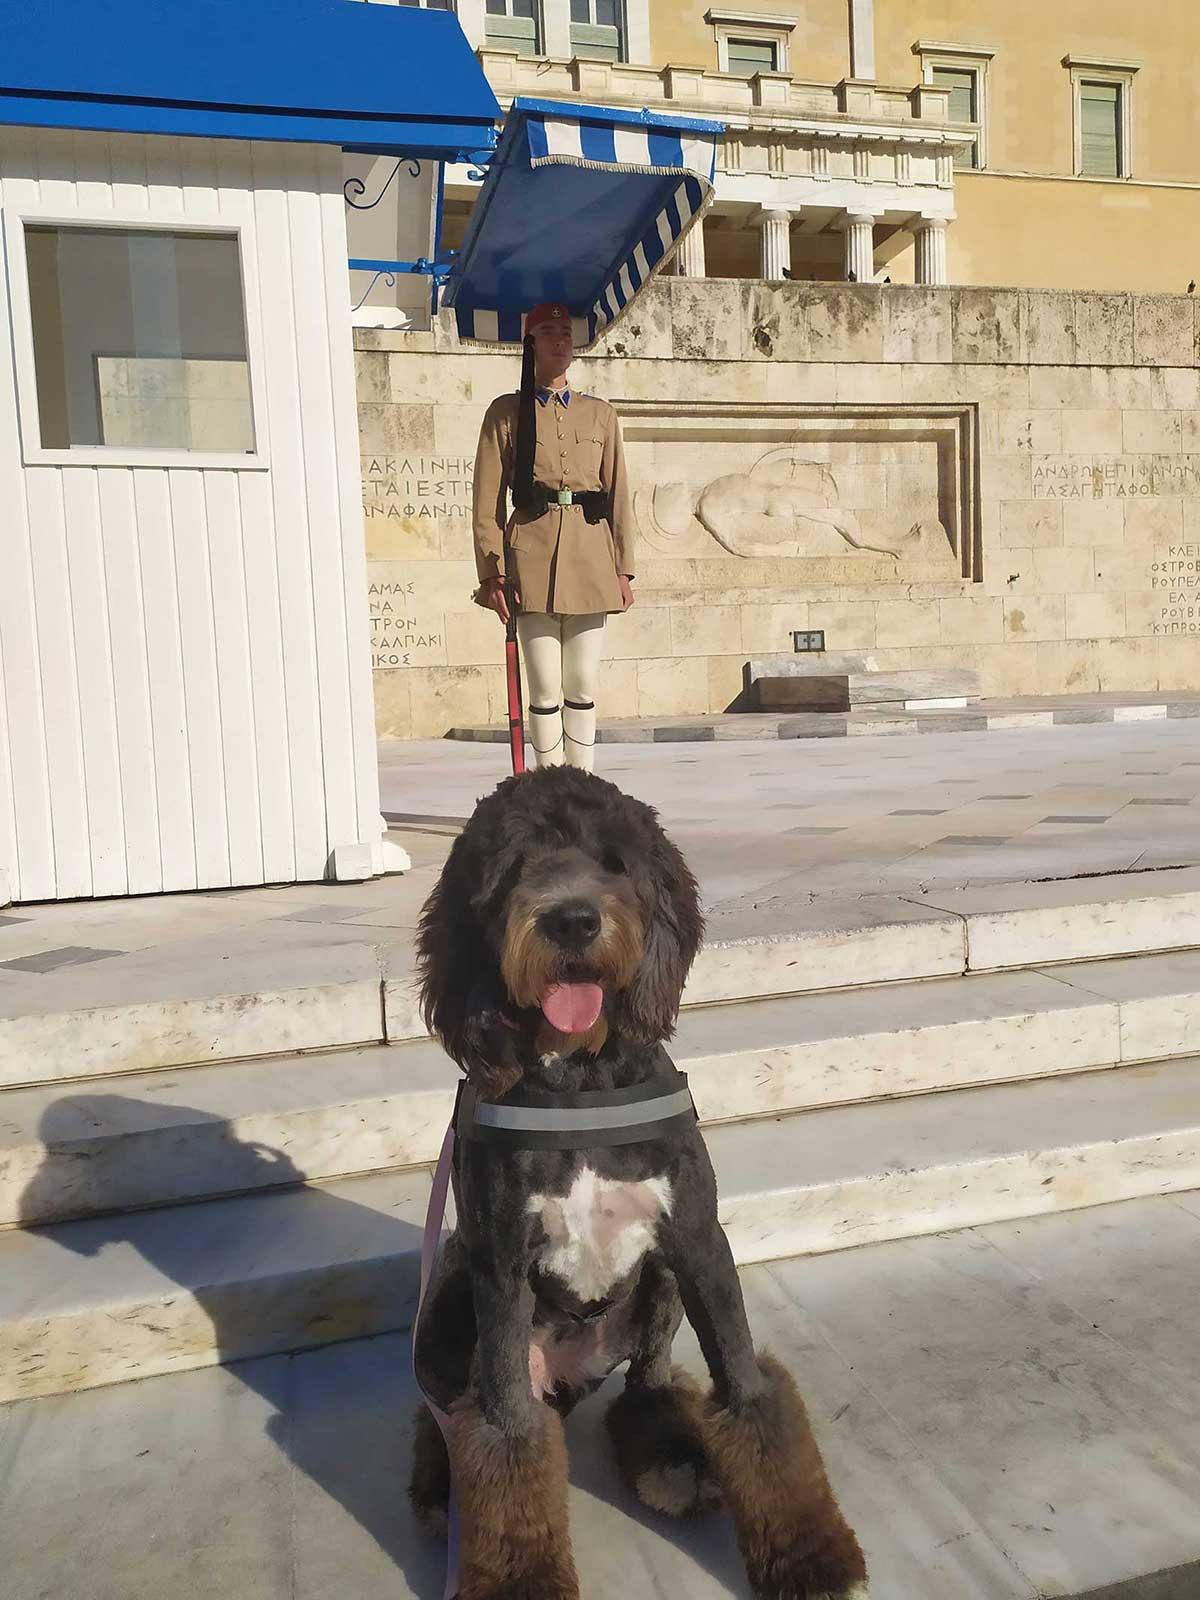 σκύλος βοηθός στο σύνταγμα